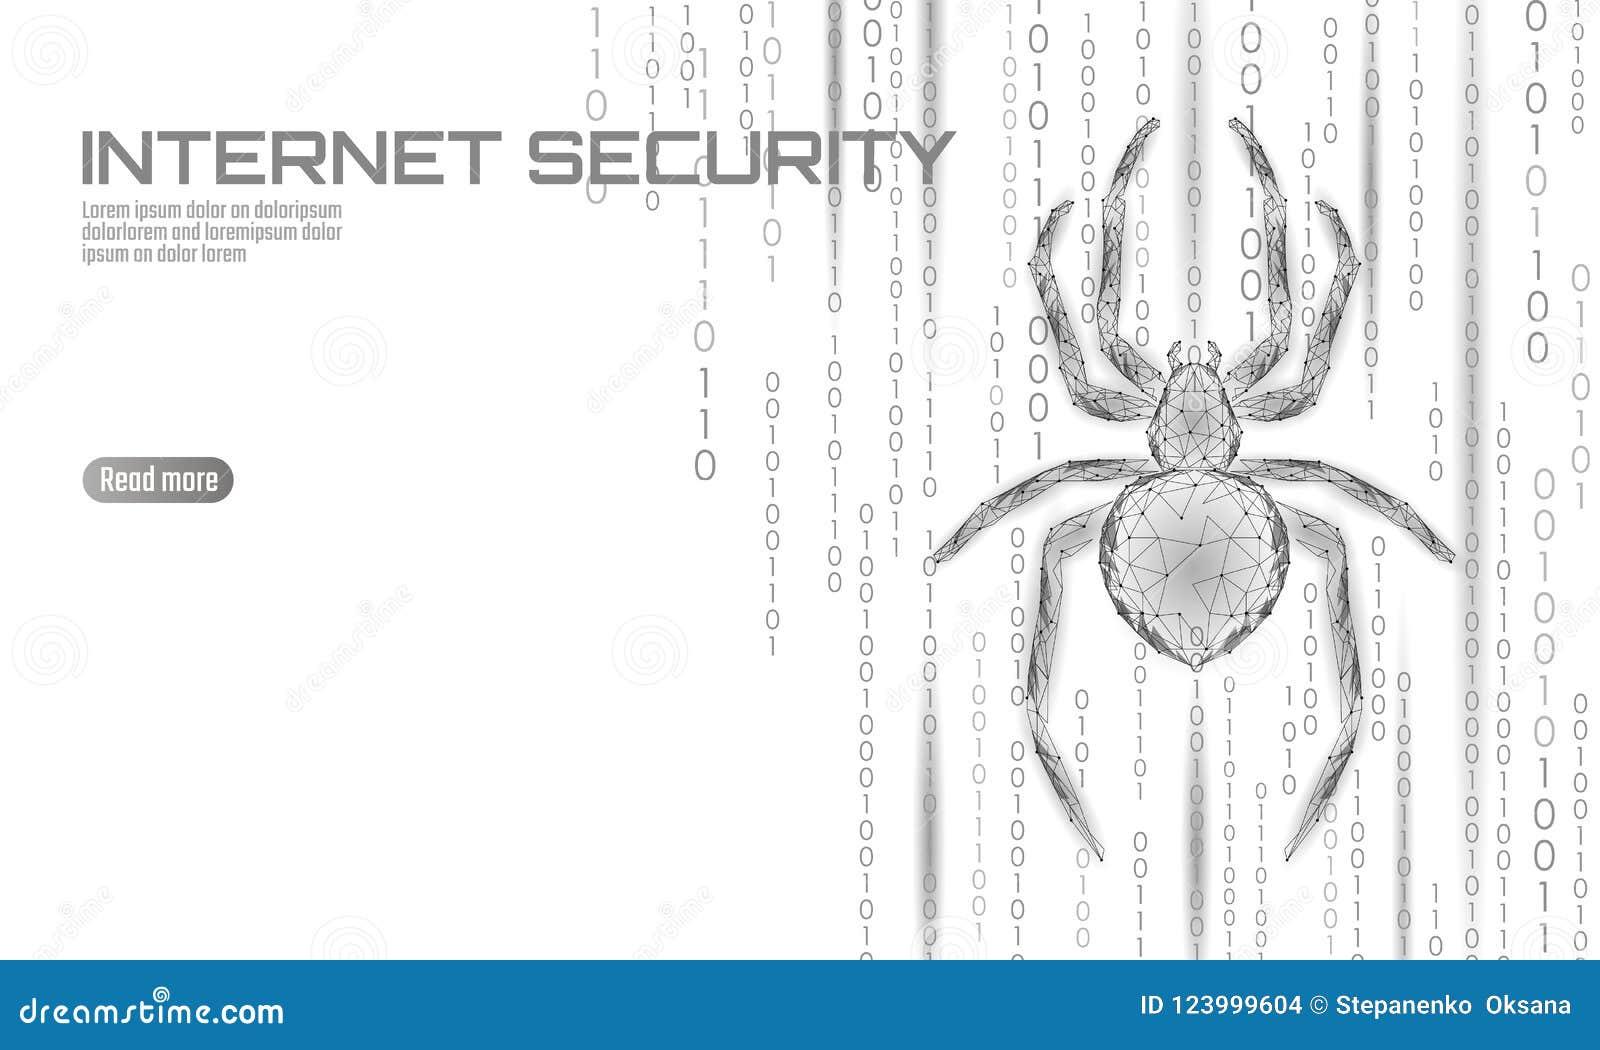 低多蜘蛛黑客攻击危险 网安全病毒数据安全抗病毒概念 多角形现代设计事务